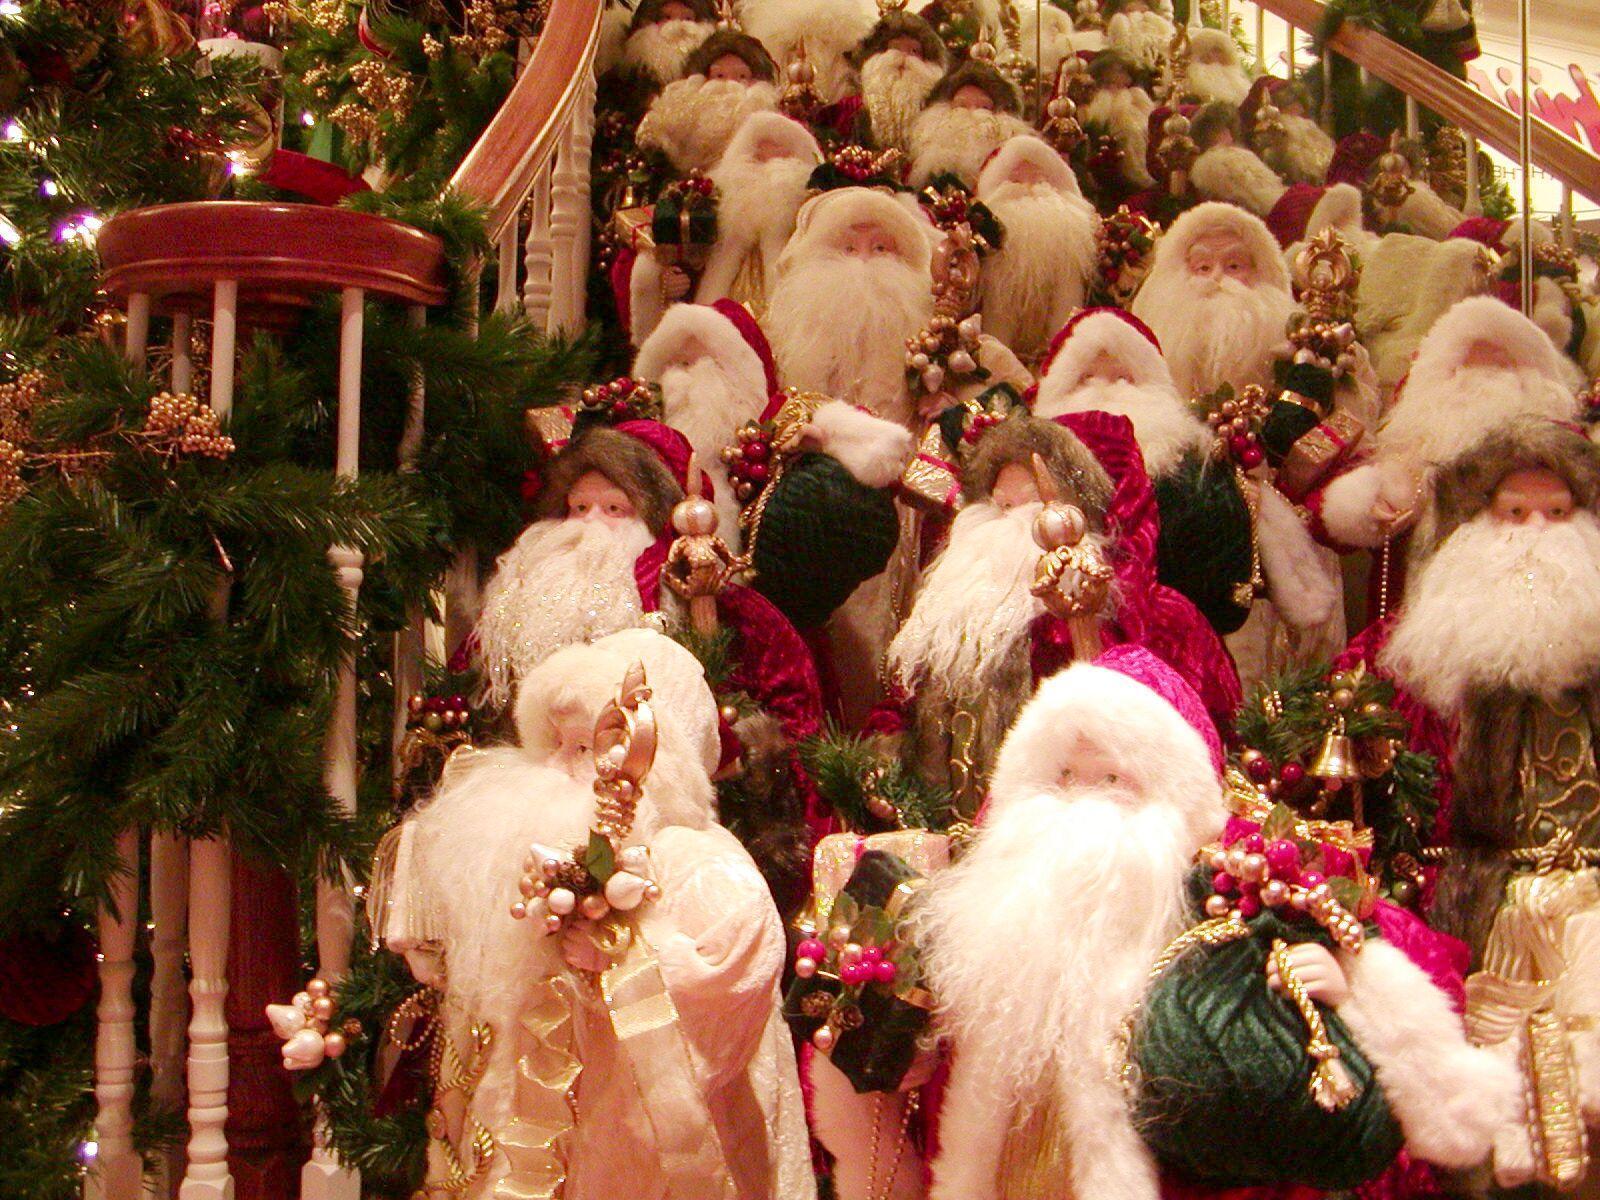 14086 скачать обои Праздники, Новый Год (New Year), Дед Мороз, Санта Клаус (Santa Claus), Игрушки, Рождество (Christmas, Xmas) - заставки и картинки бесплатно